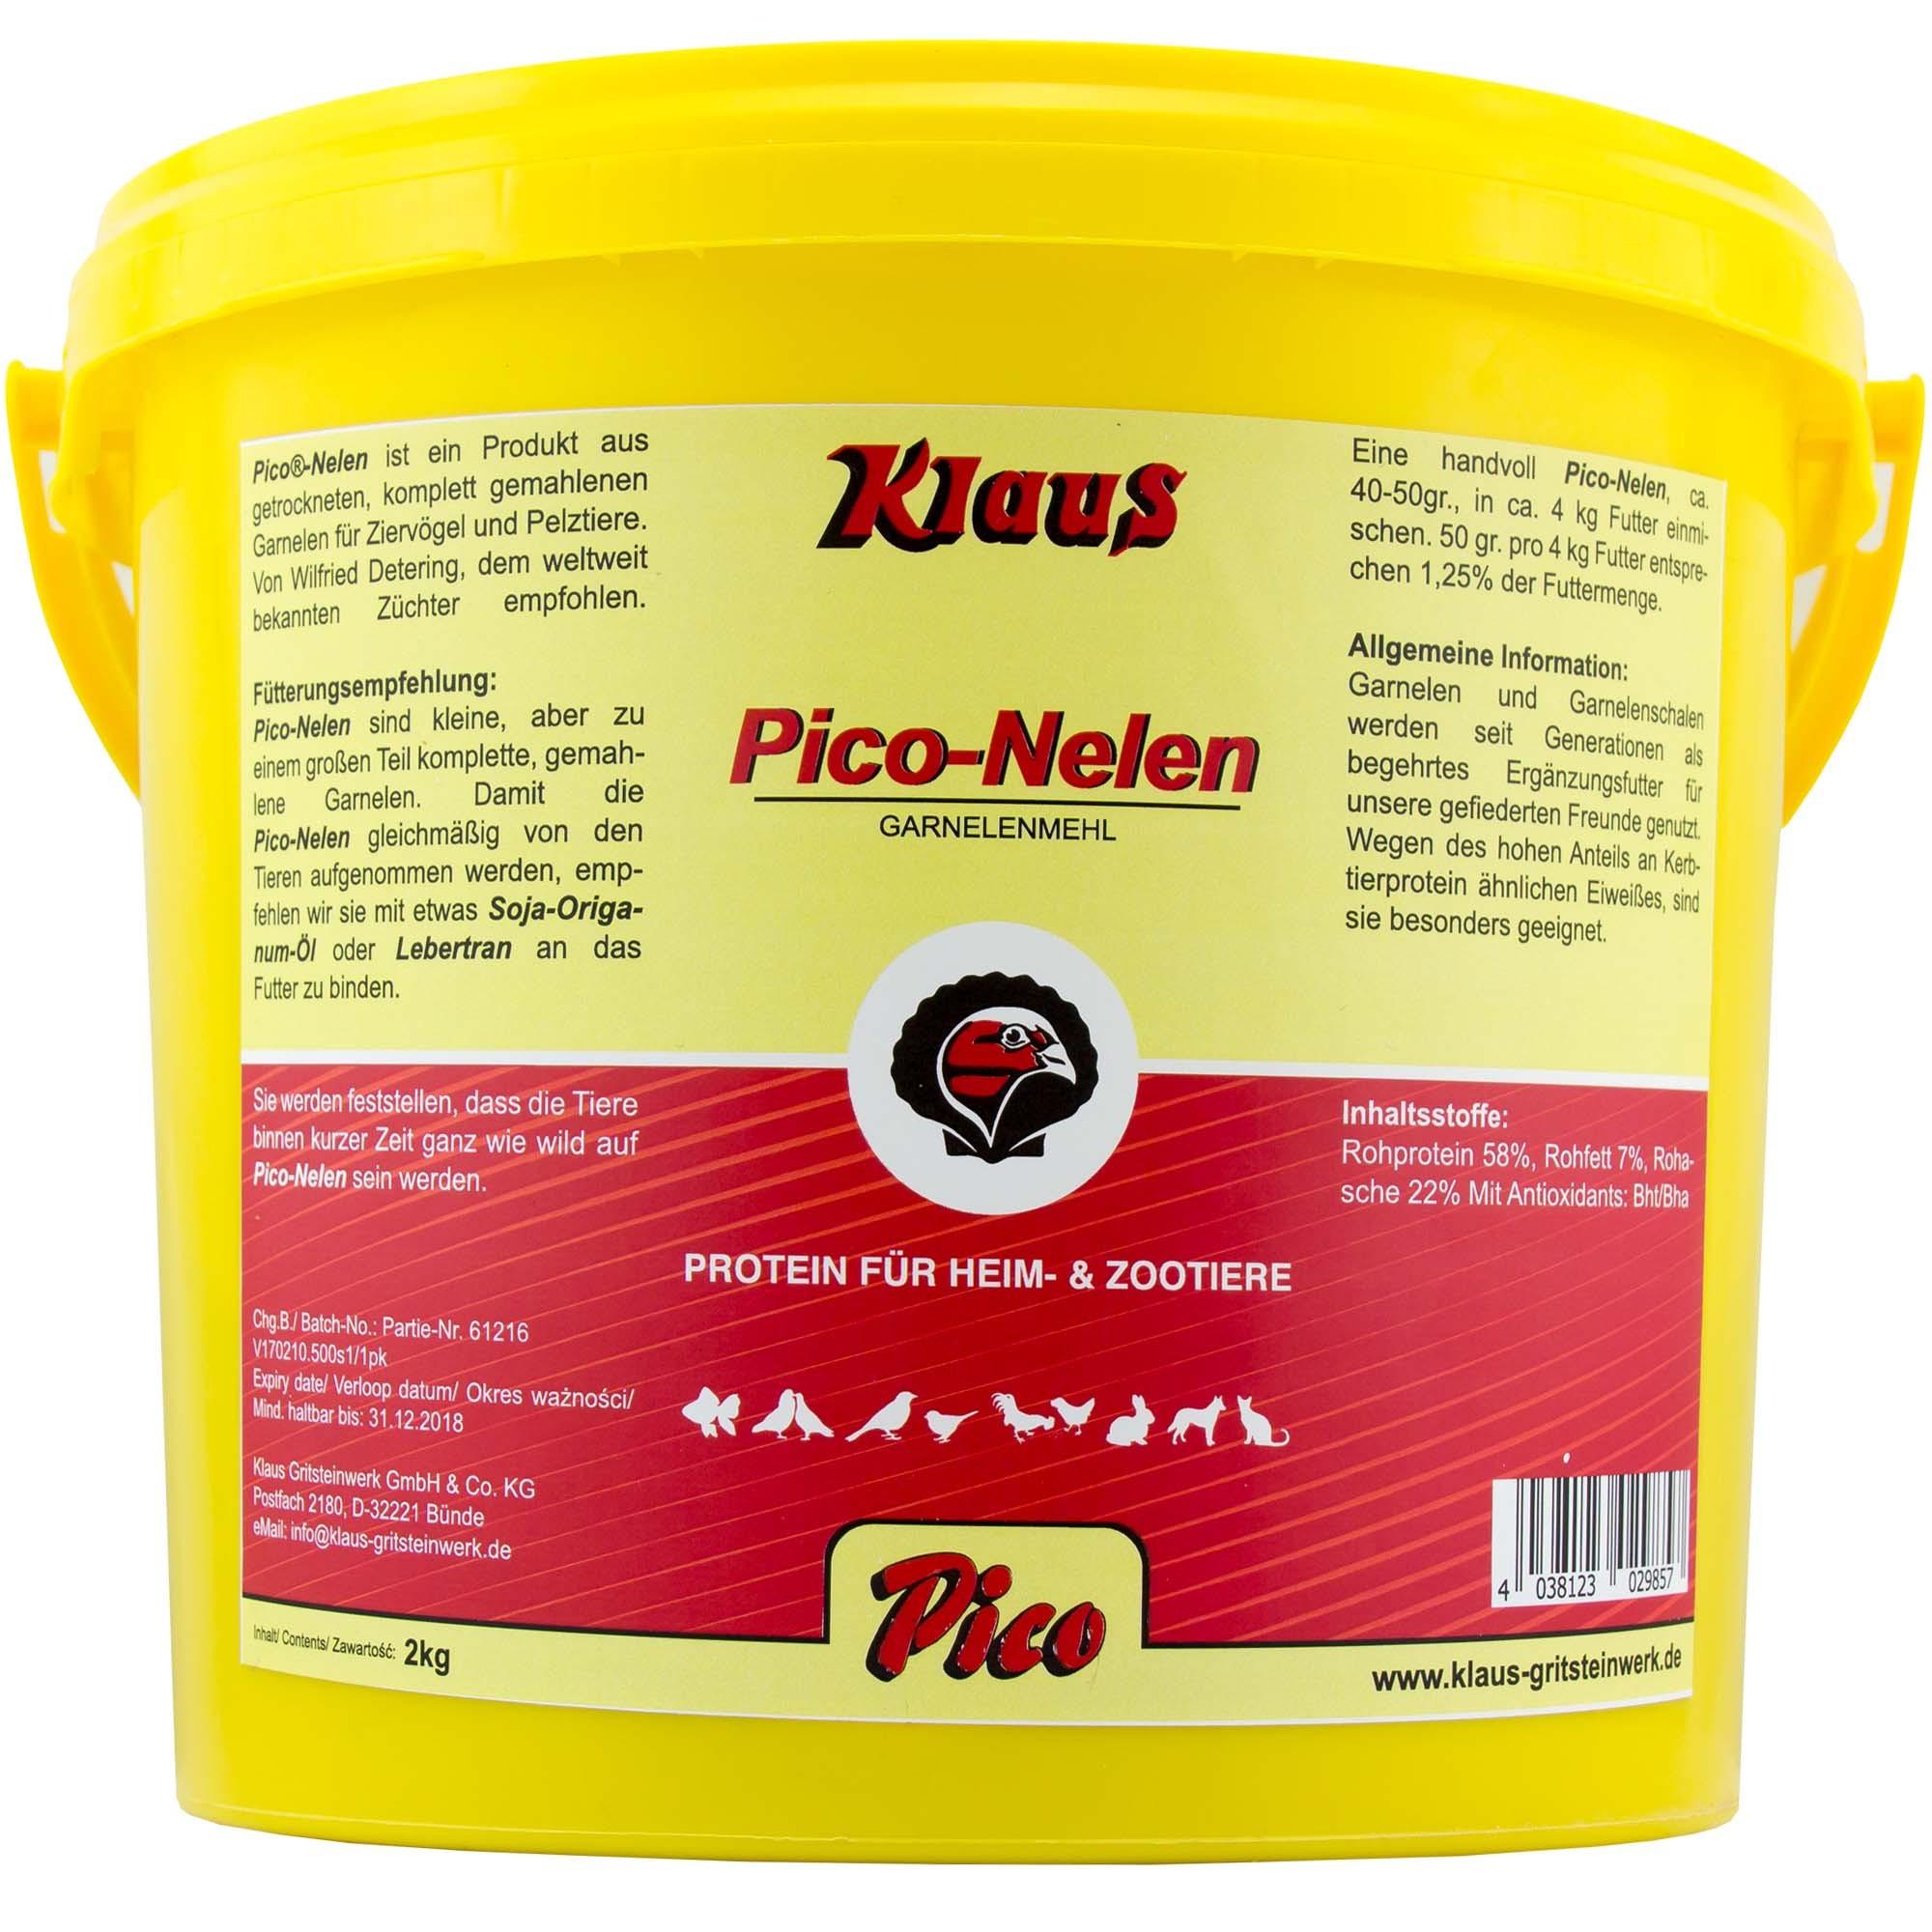 KLAUS Pico®- Nelen